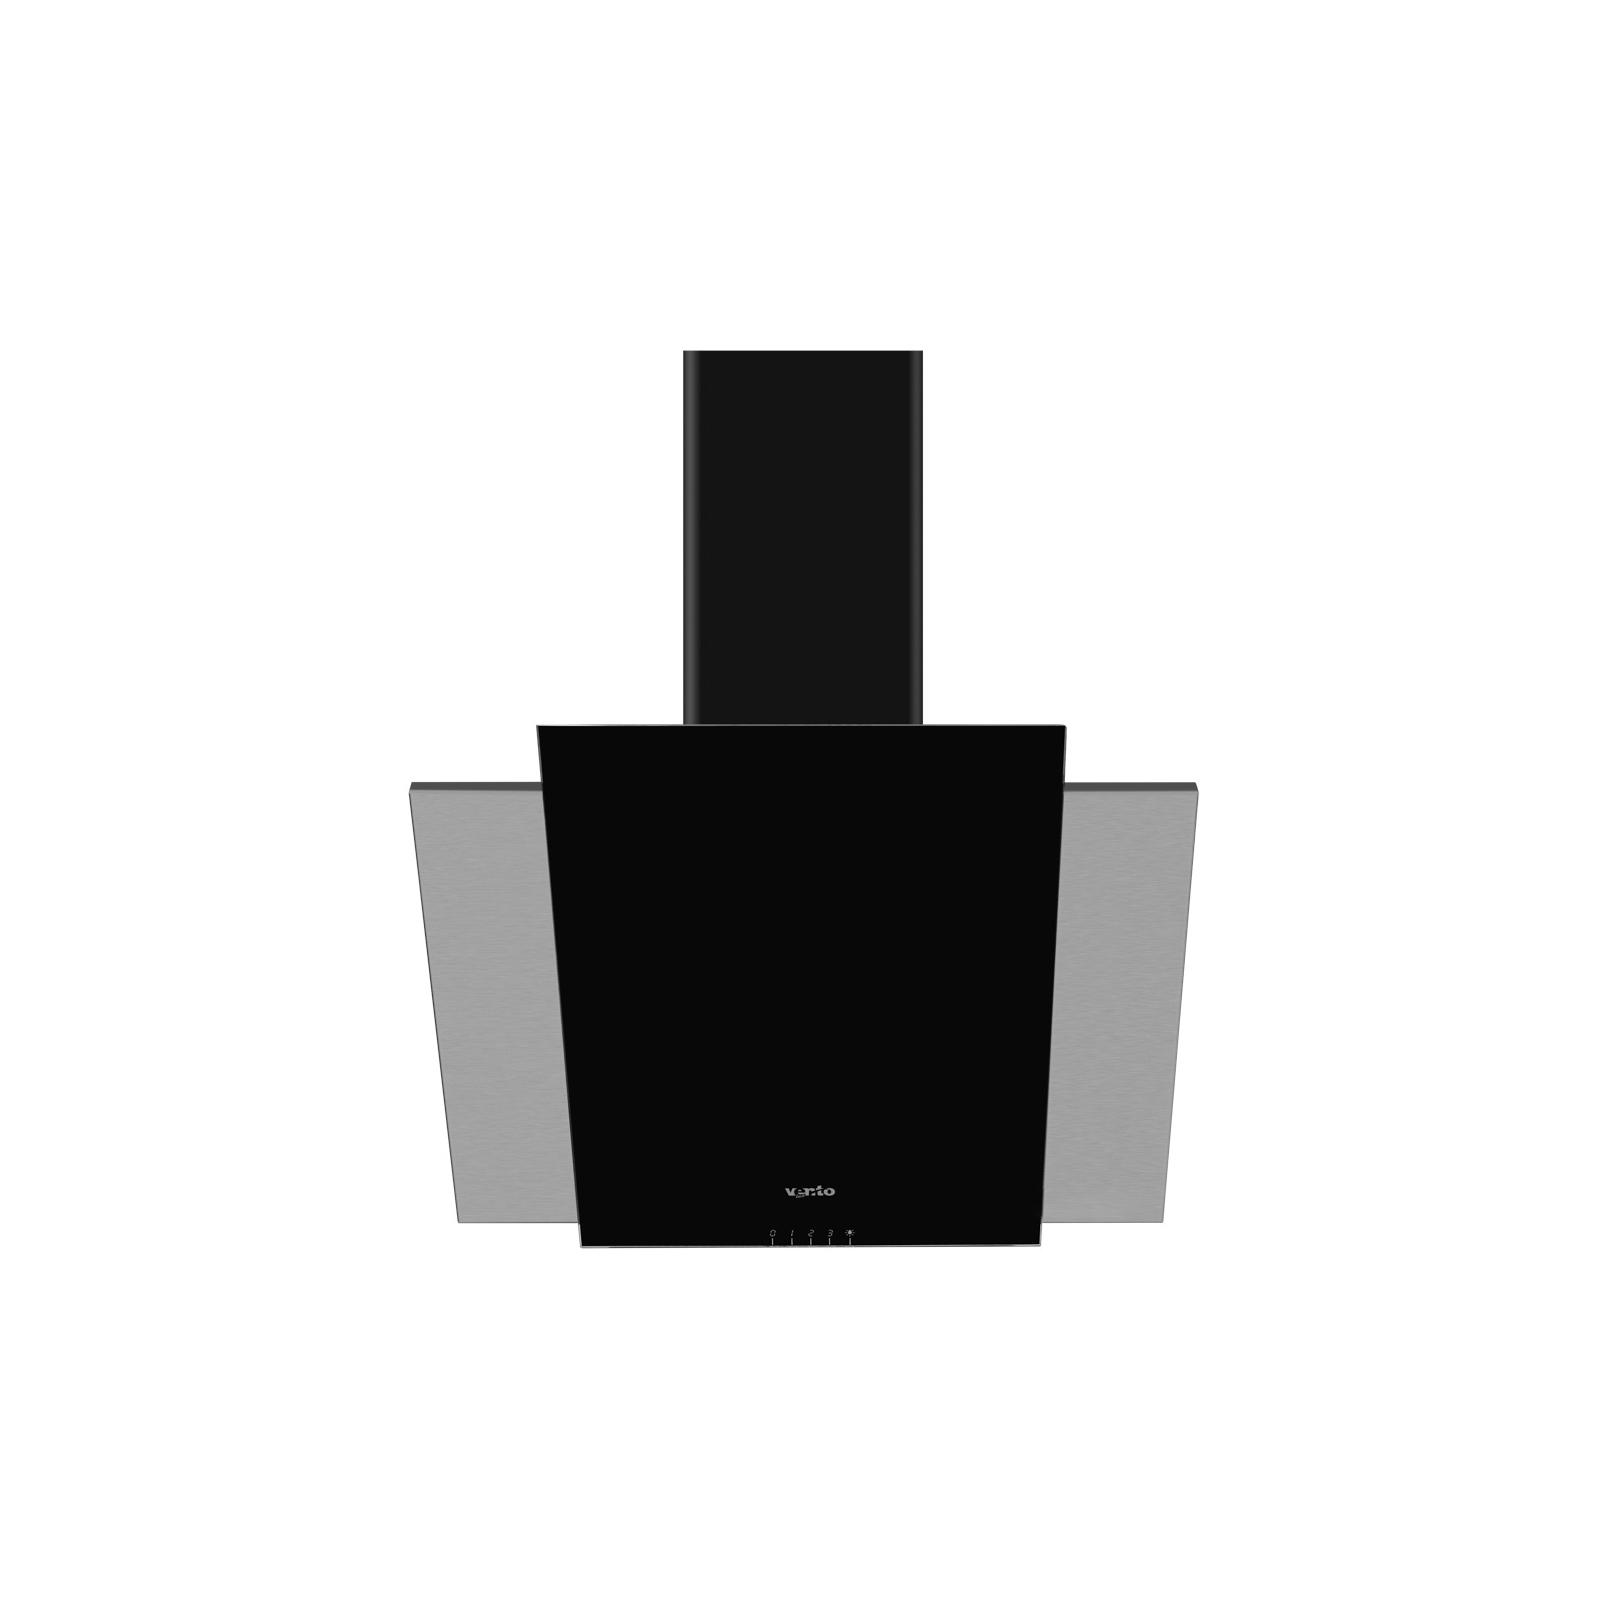 Вытяжка кухонная Ventolux TORINO 60 BG/X (750) PB изображение 2